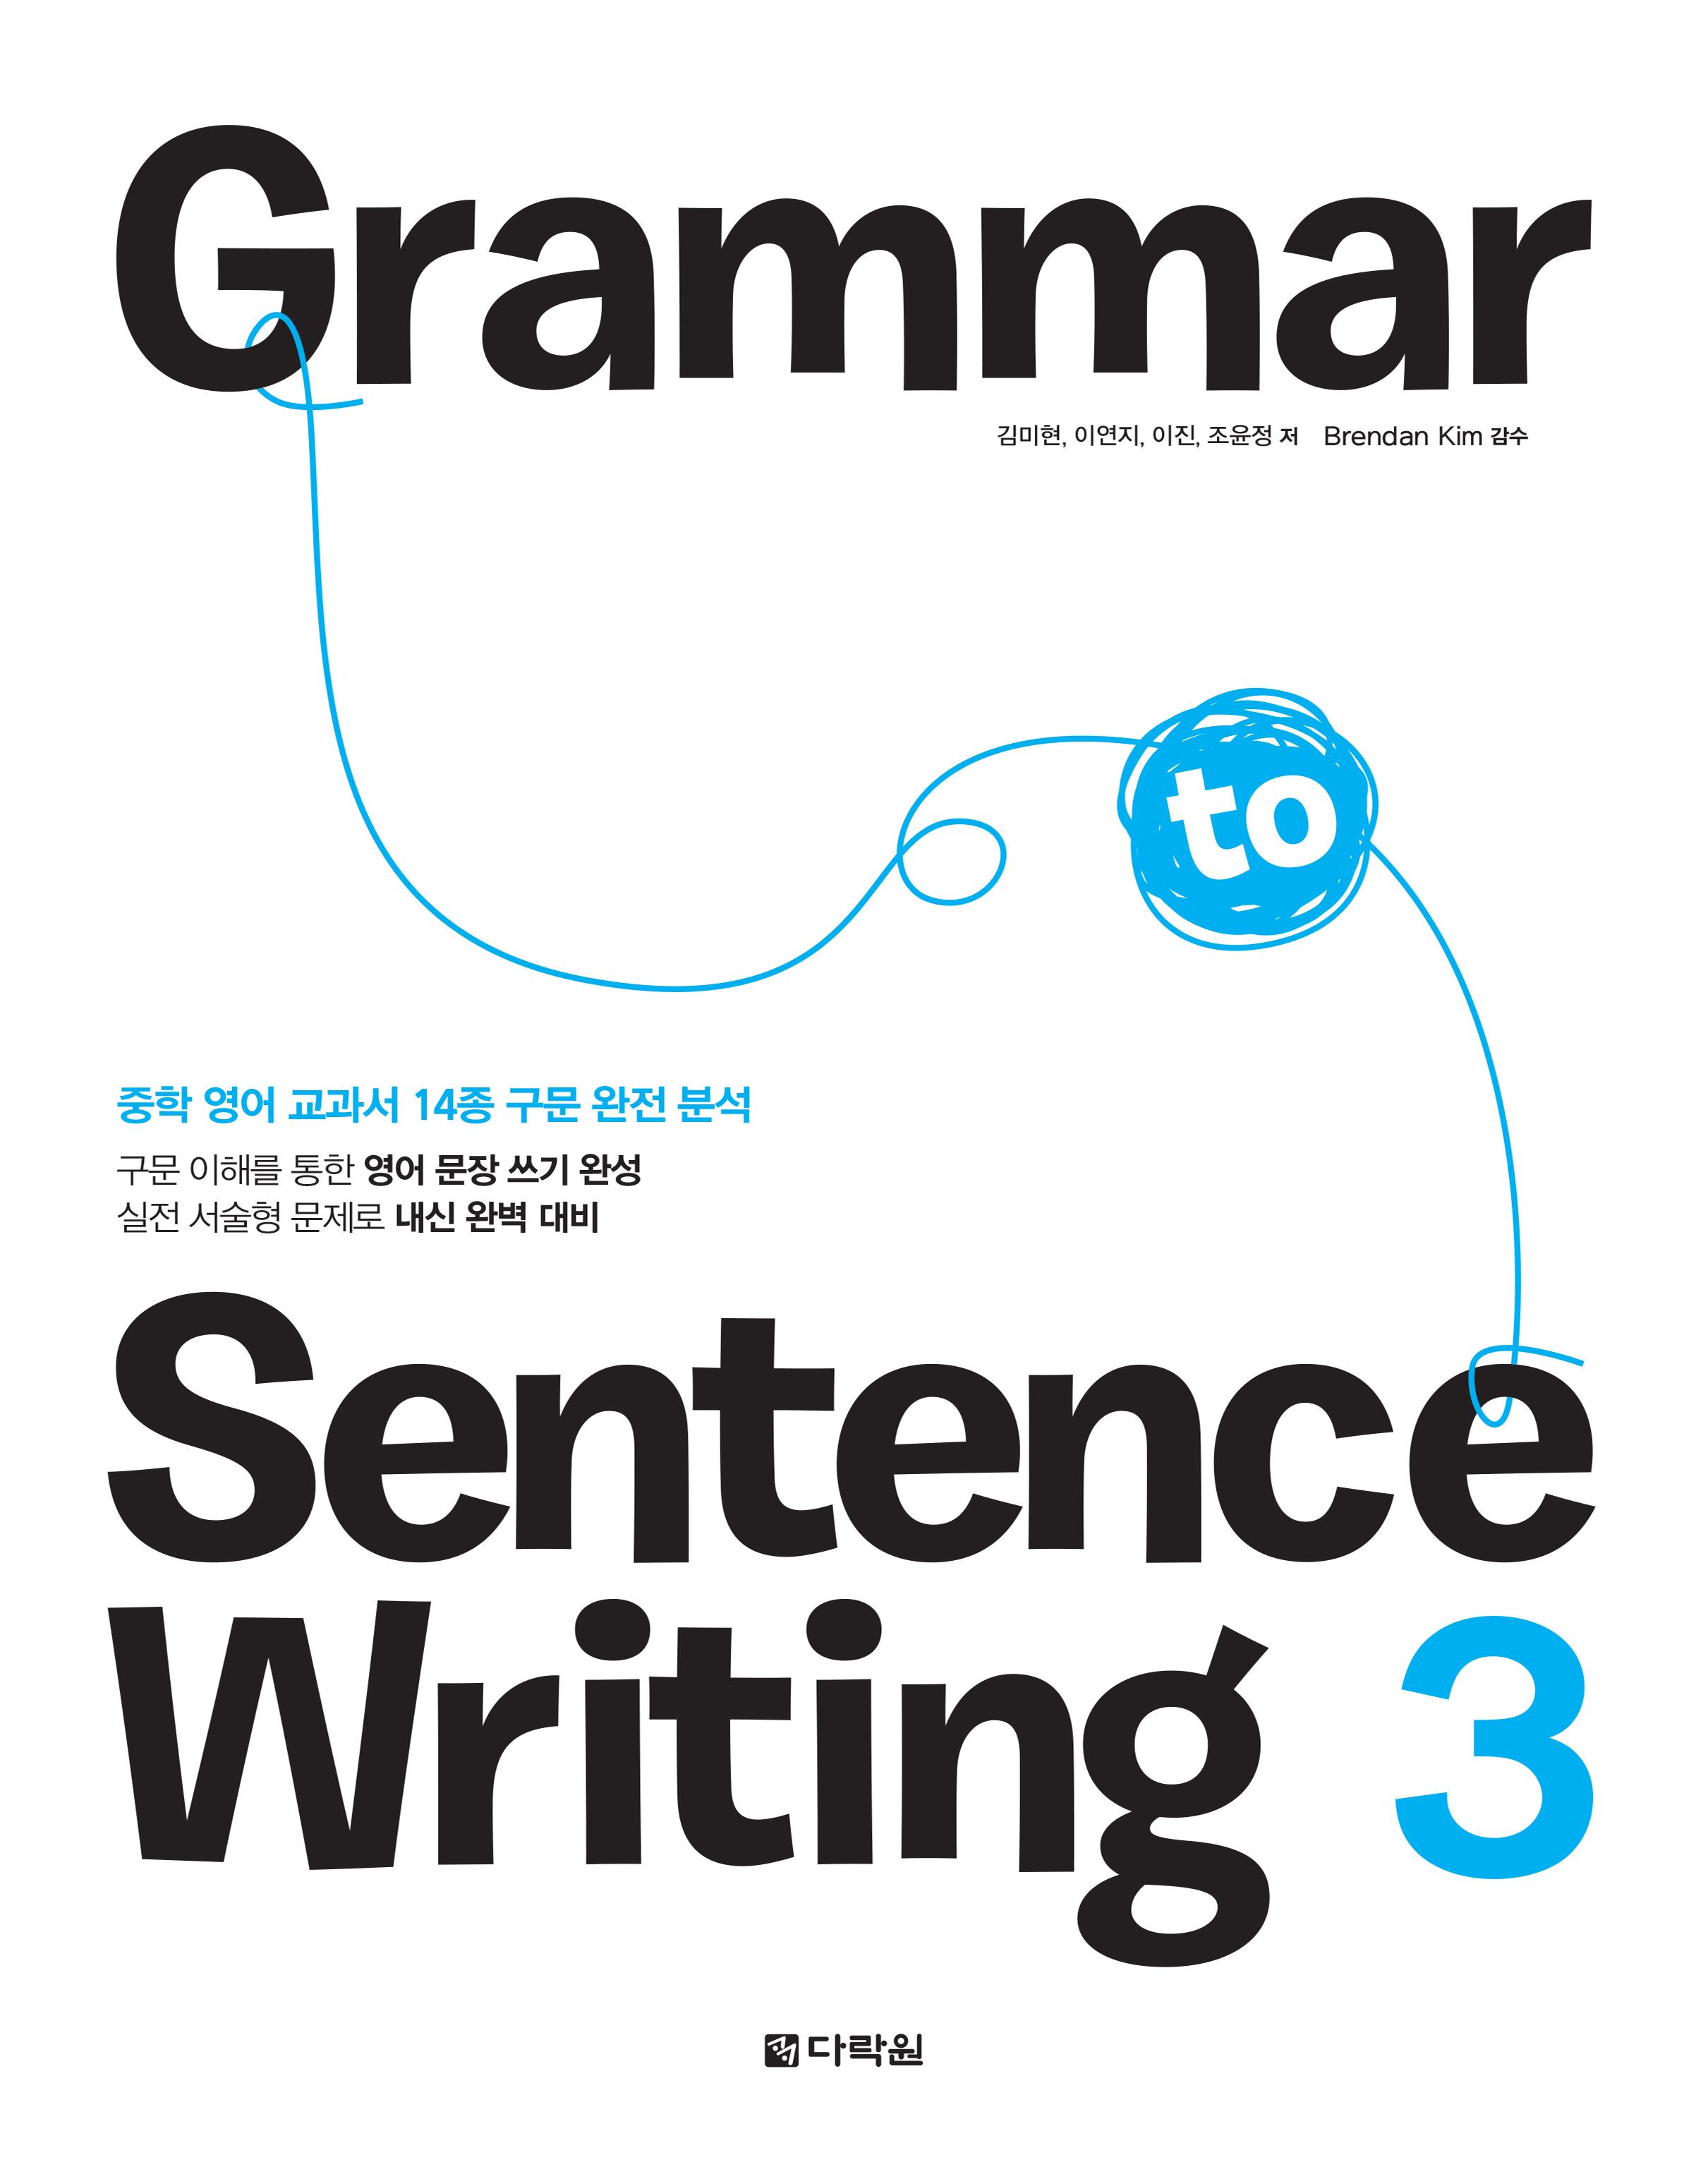 [Grammar to Sentence] Grammar to Sentence Writing 3 : 중학 영어 교과서 14종 구문 완전 분석